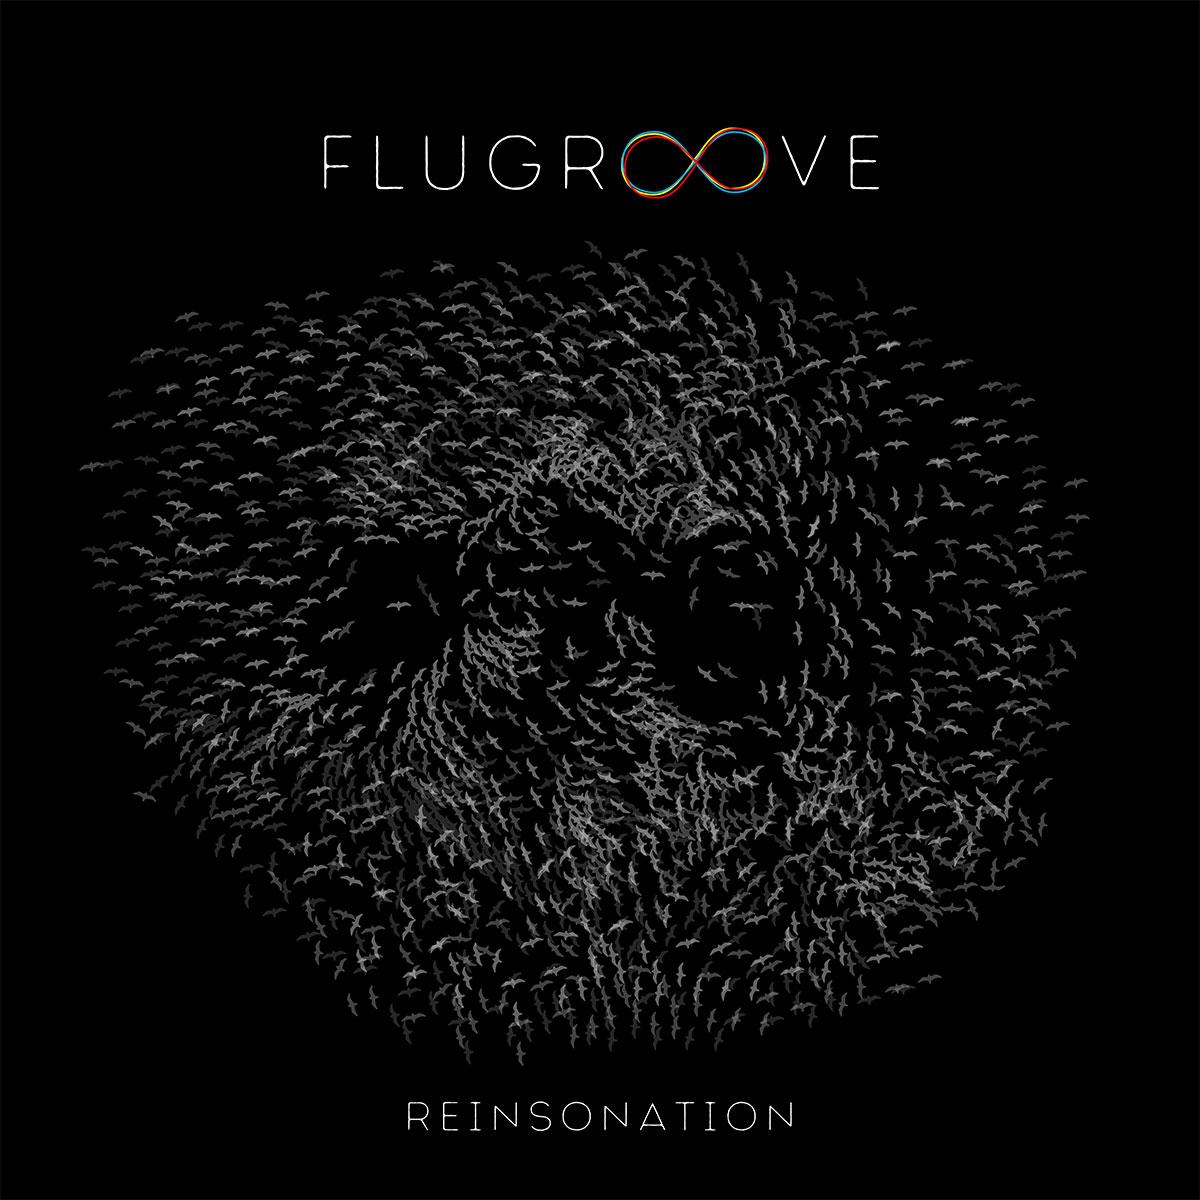 FLUGROOVE - REINSONATION